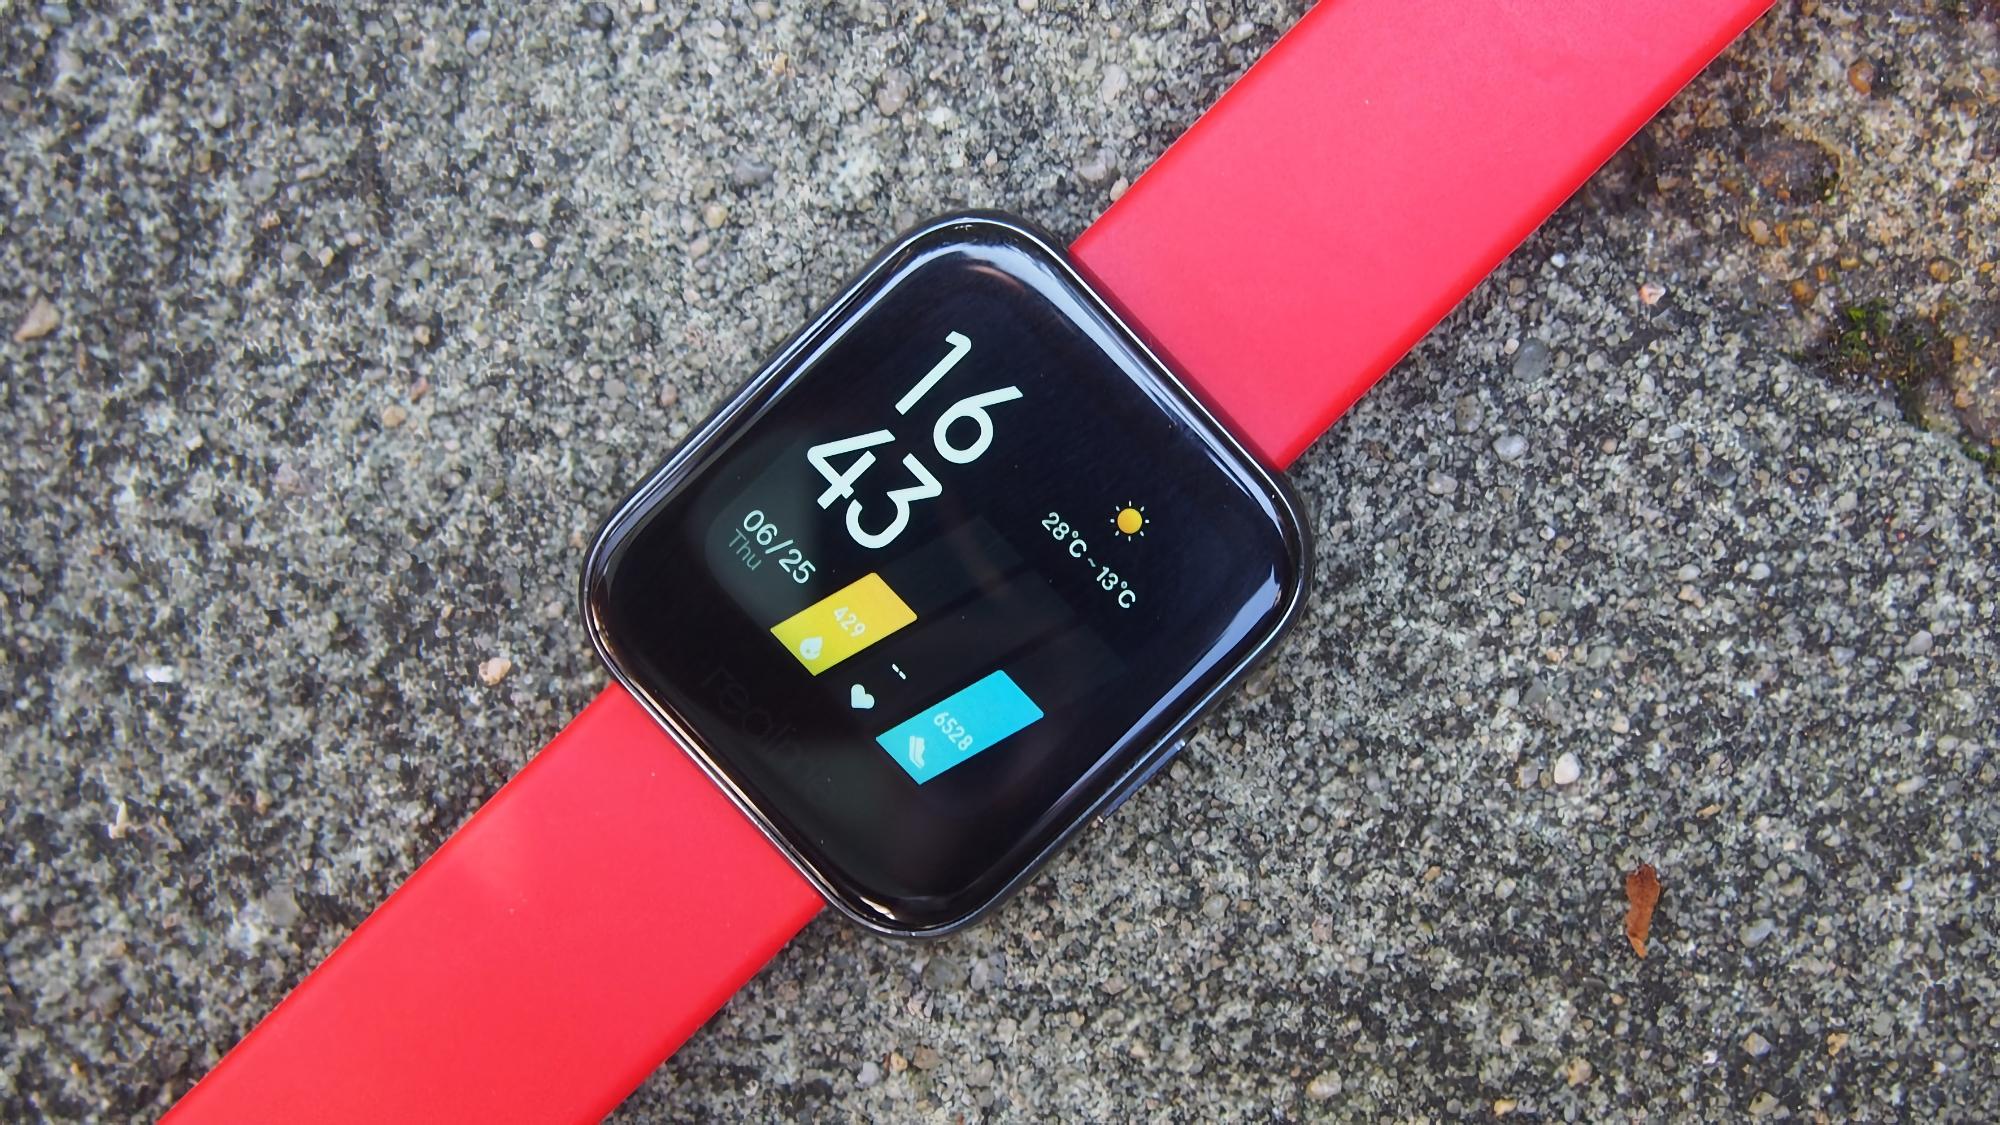 В сеть утекли характеристики Realme Watch 2: 1.4-дюймовый дисплей, батарея на 305 мАч, защита IP68 и датчик SpO2